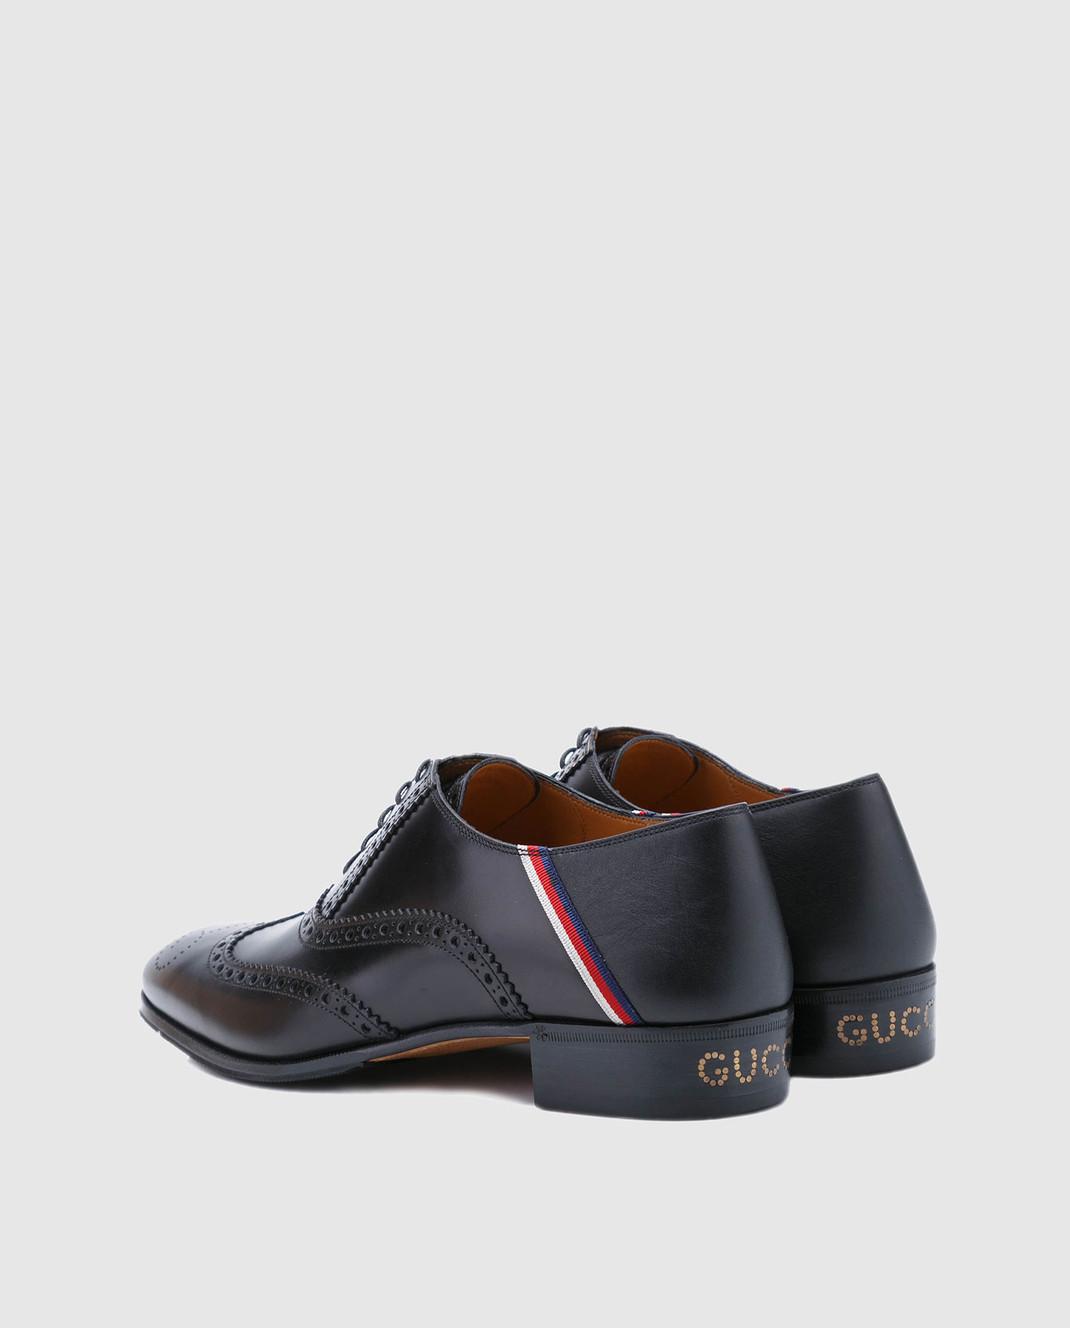 Gucci Черные кожаные броги 523282 изображение 3